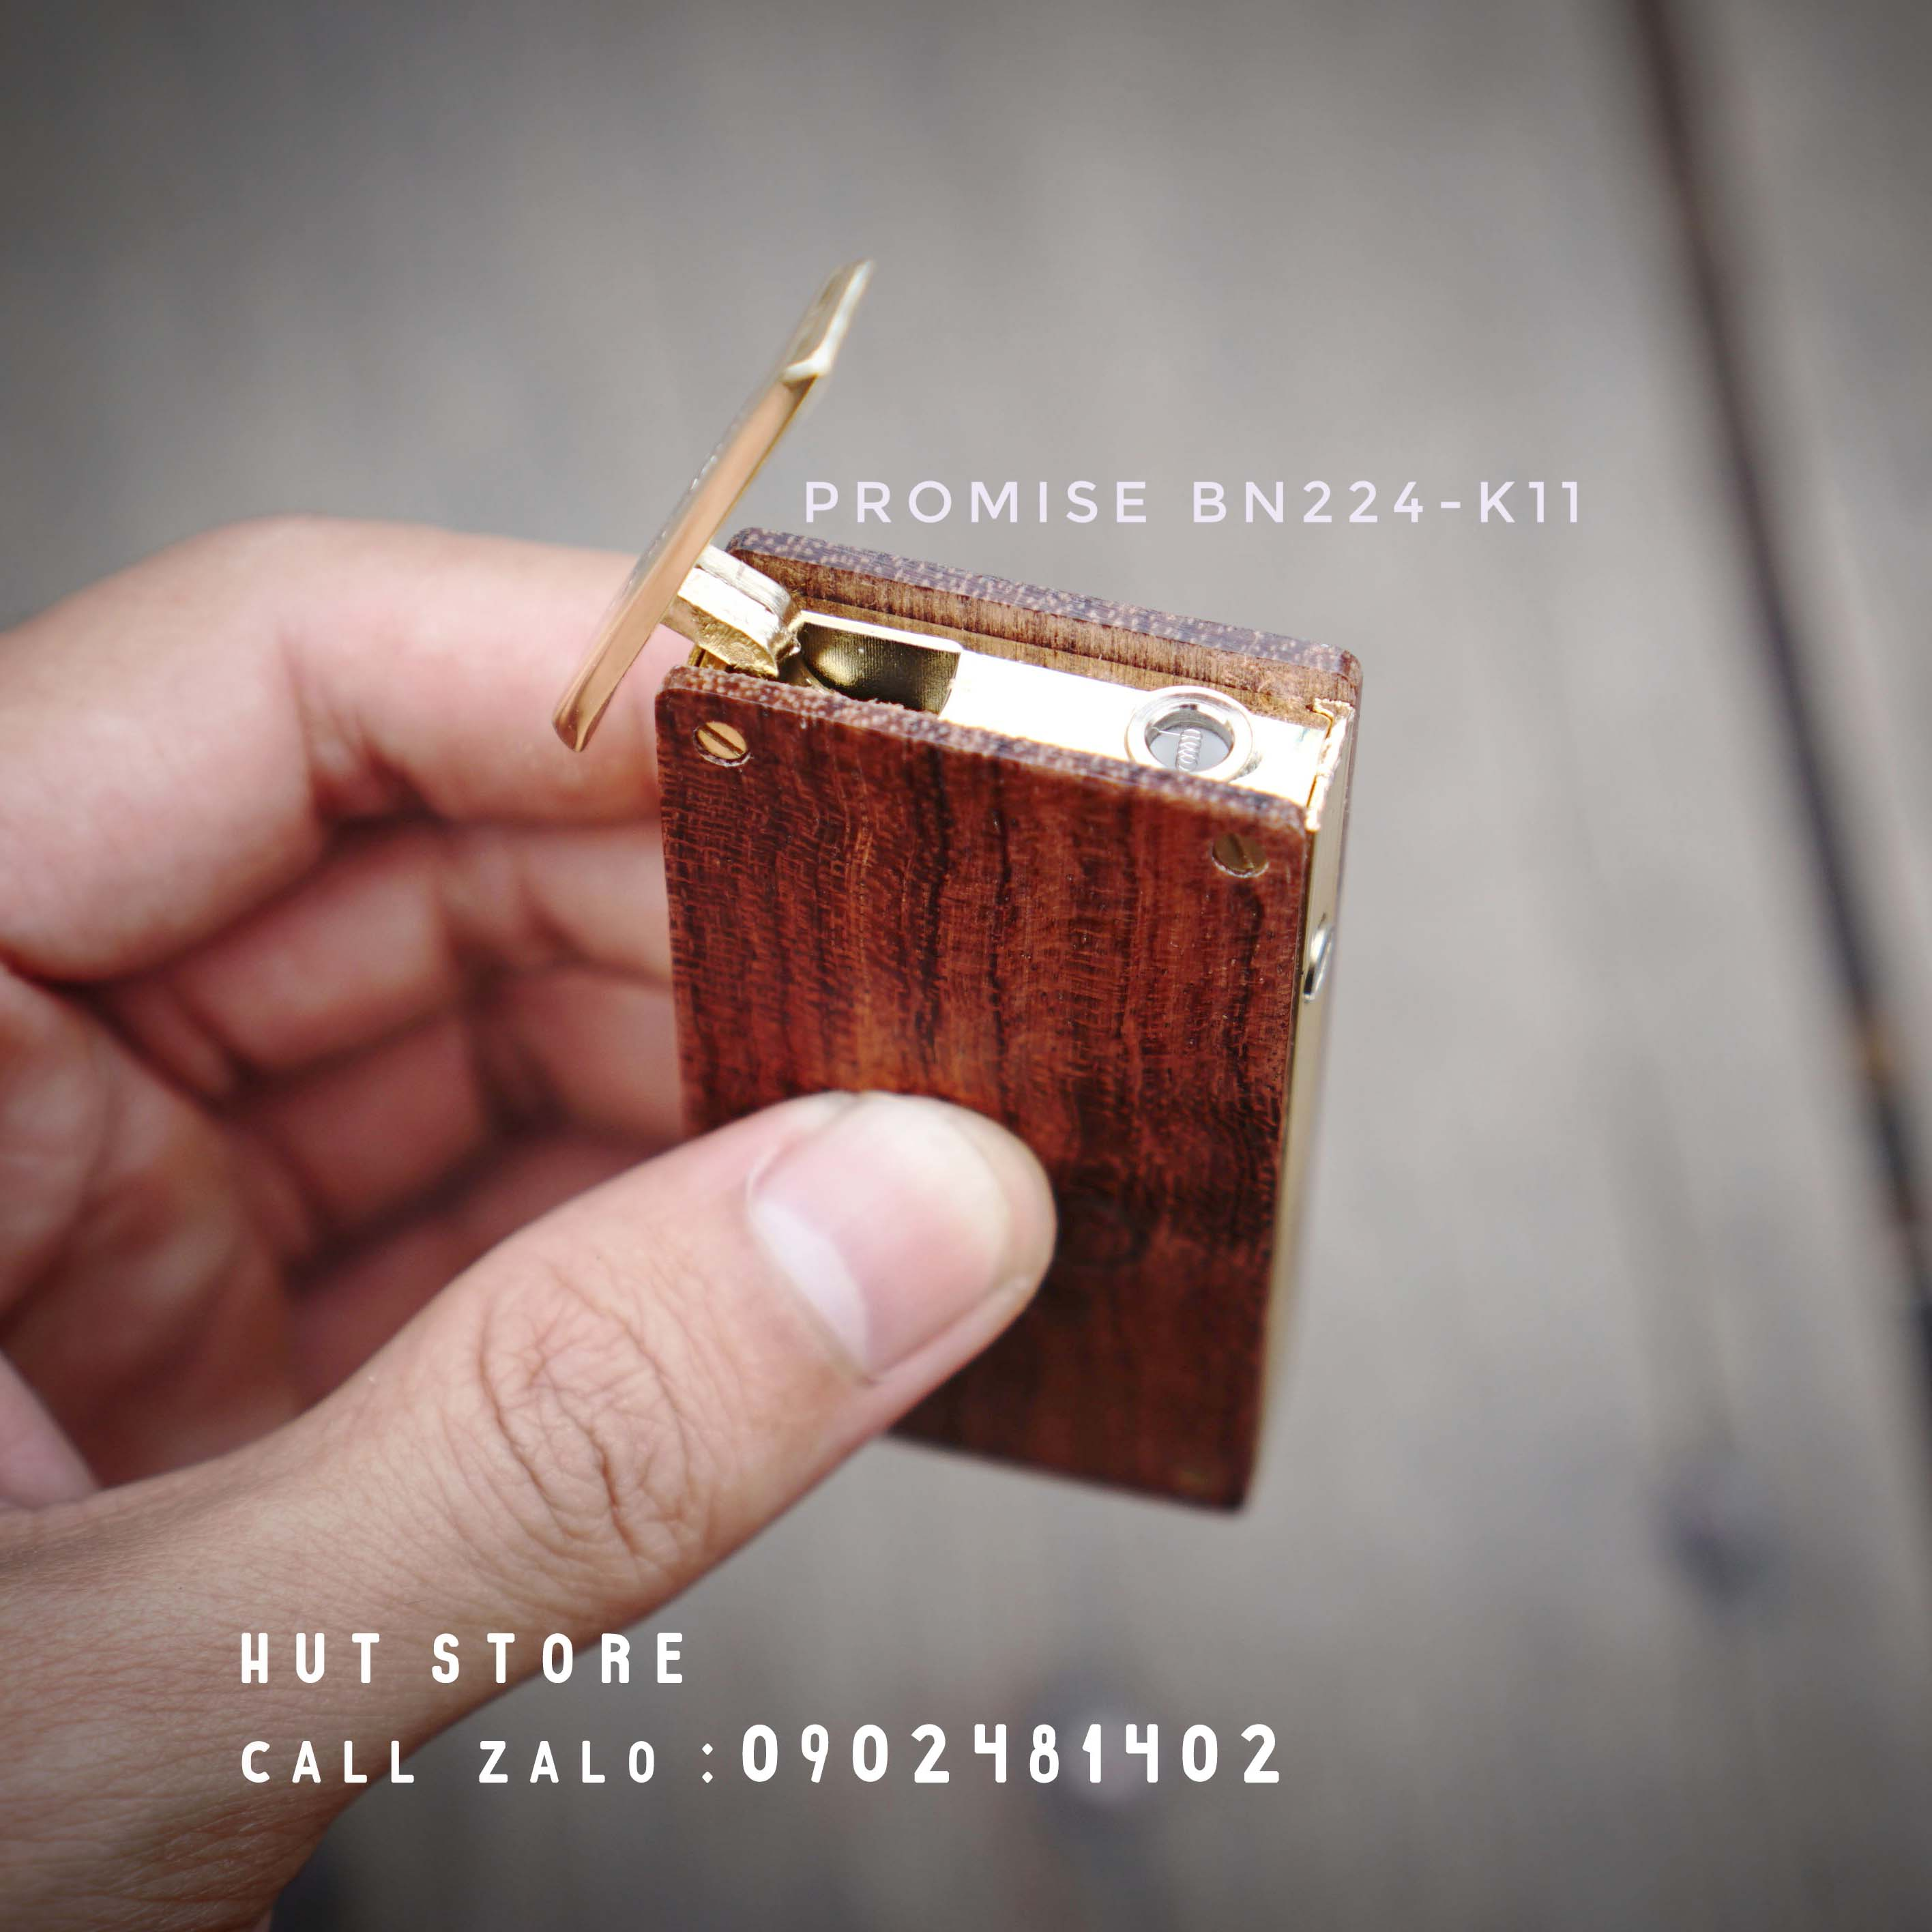 Bật lửa khò điện Promise BN224-K11